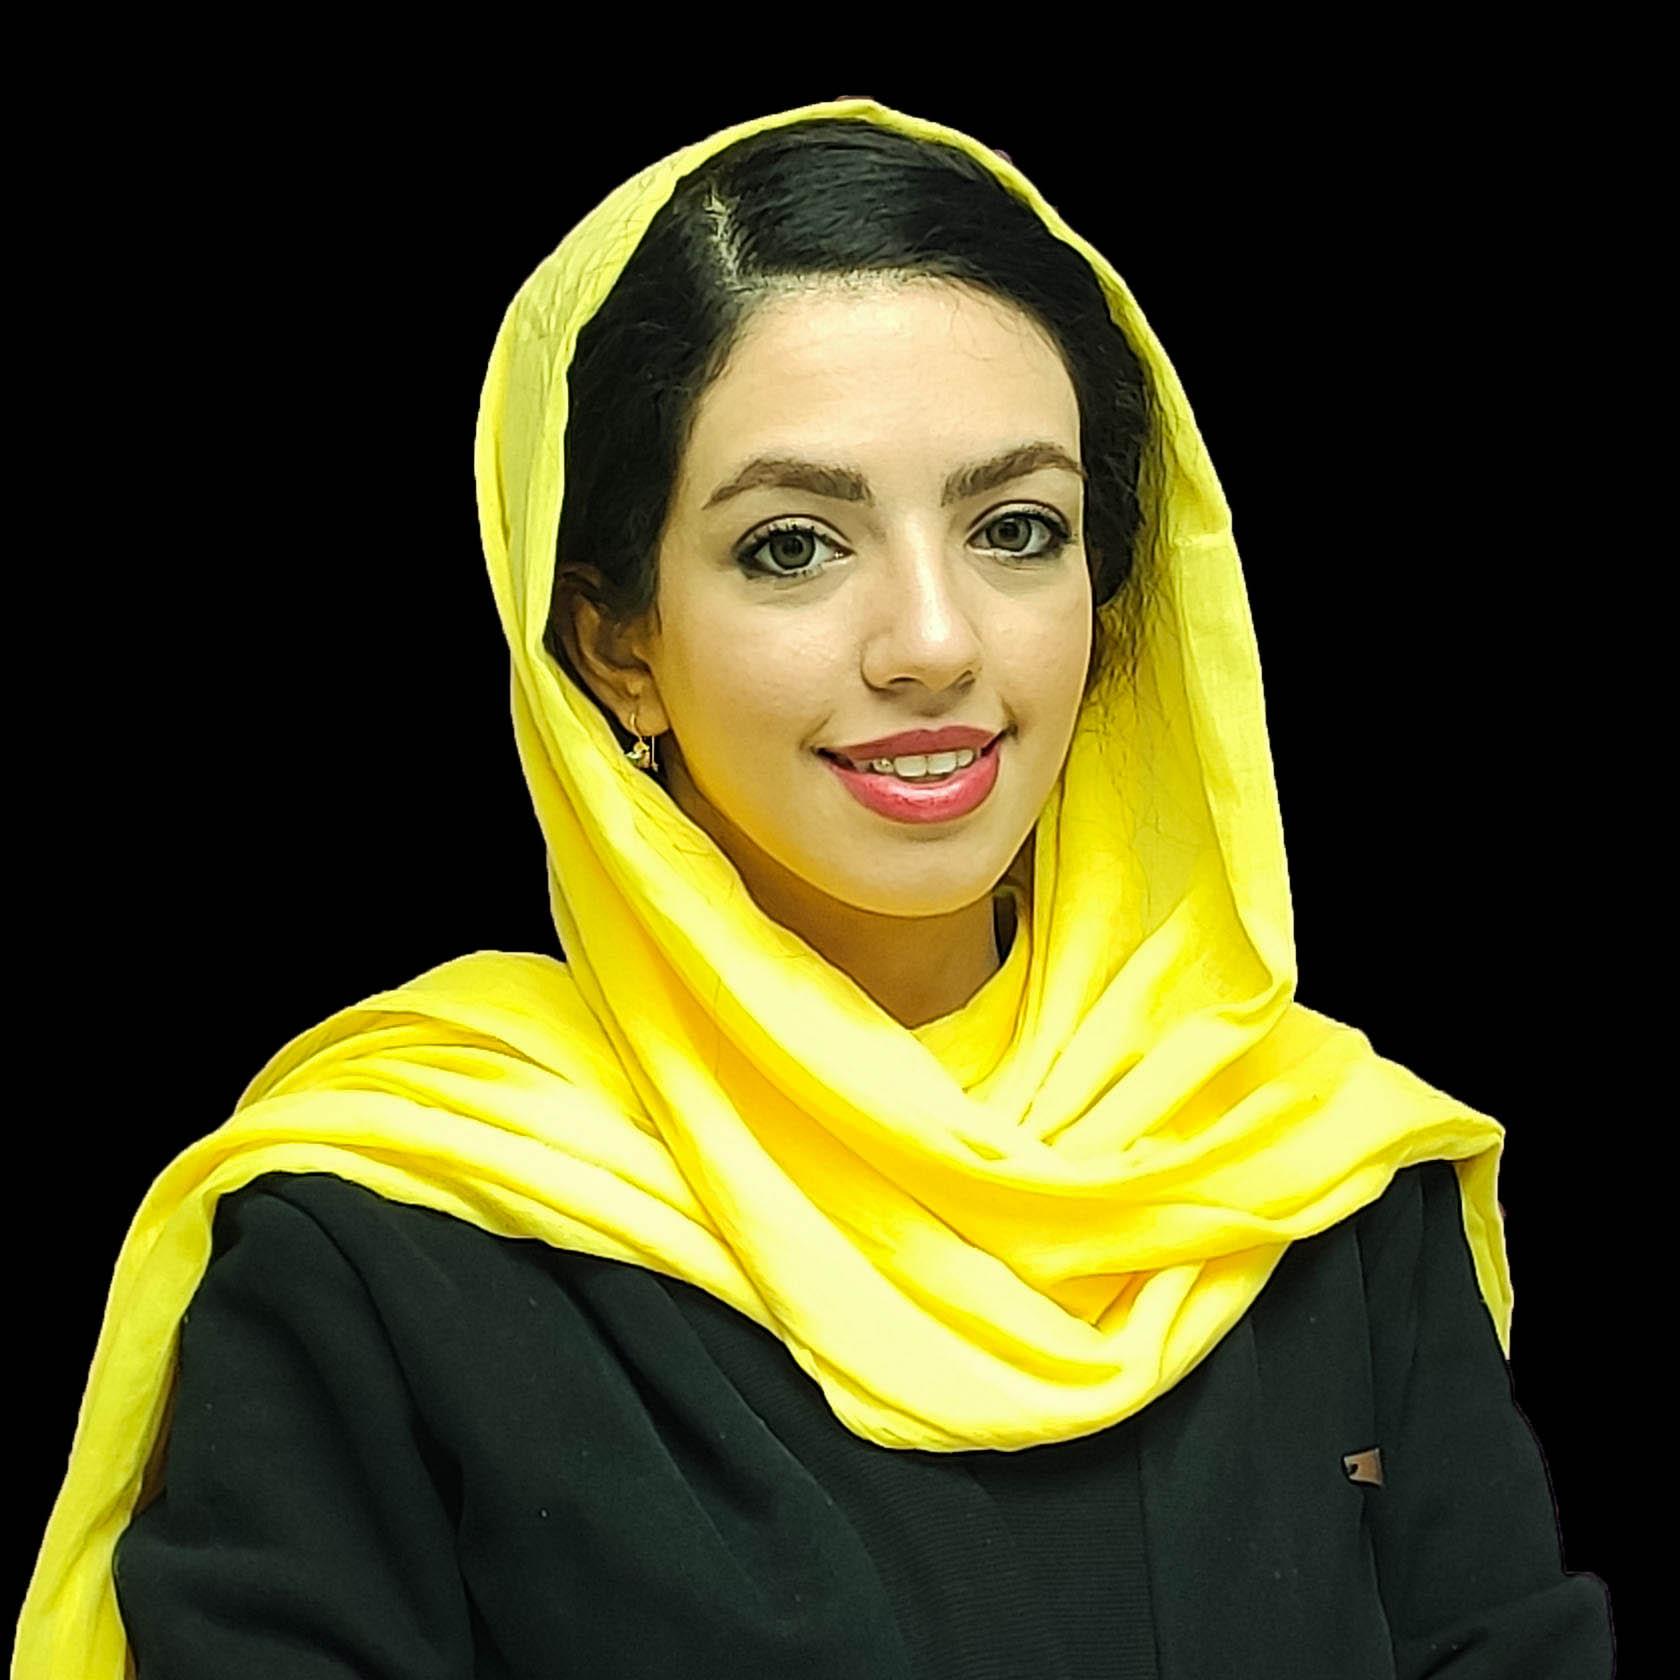 صدف حاجی محمدی